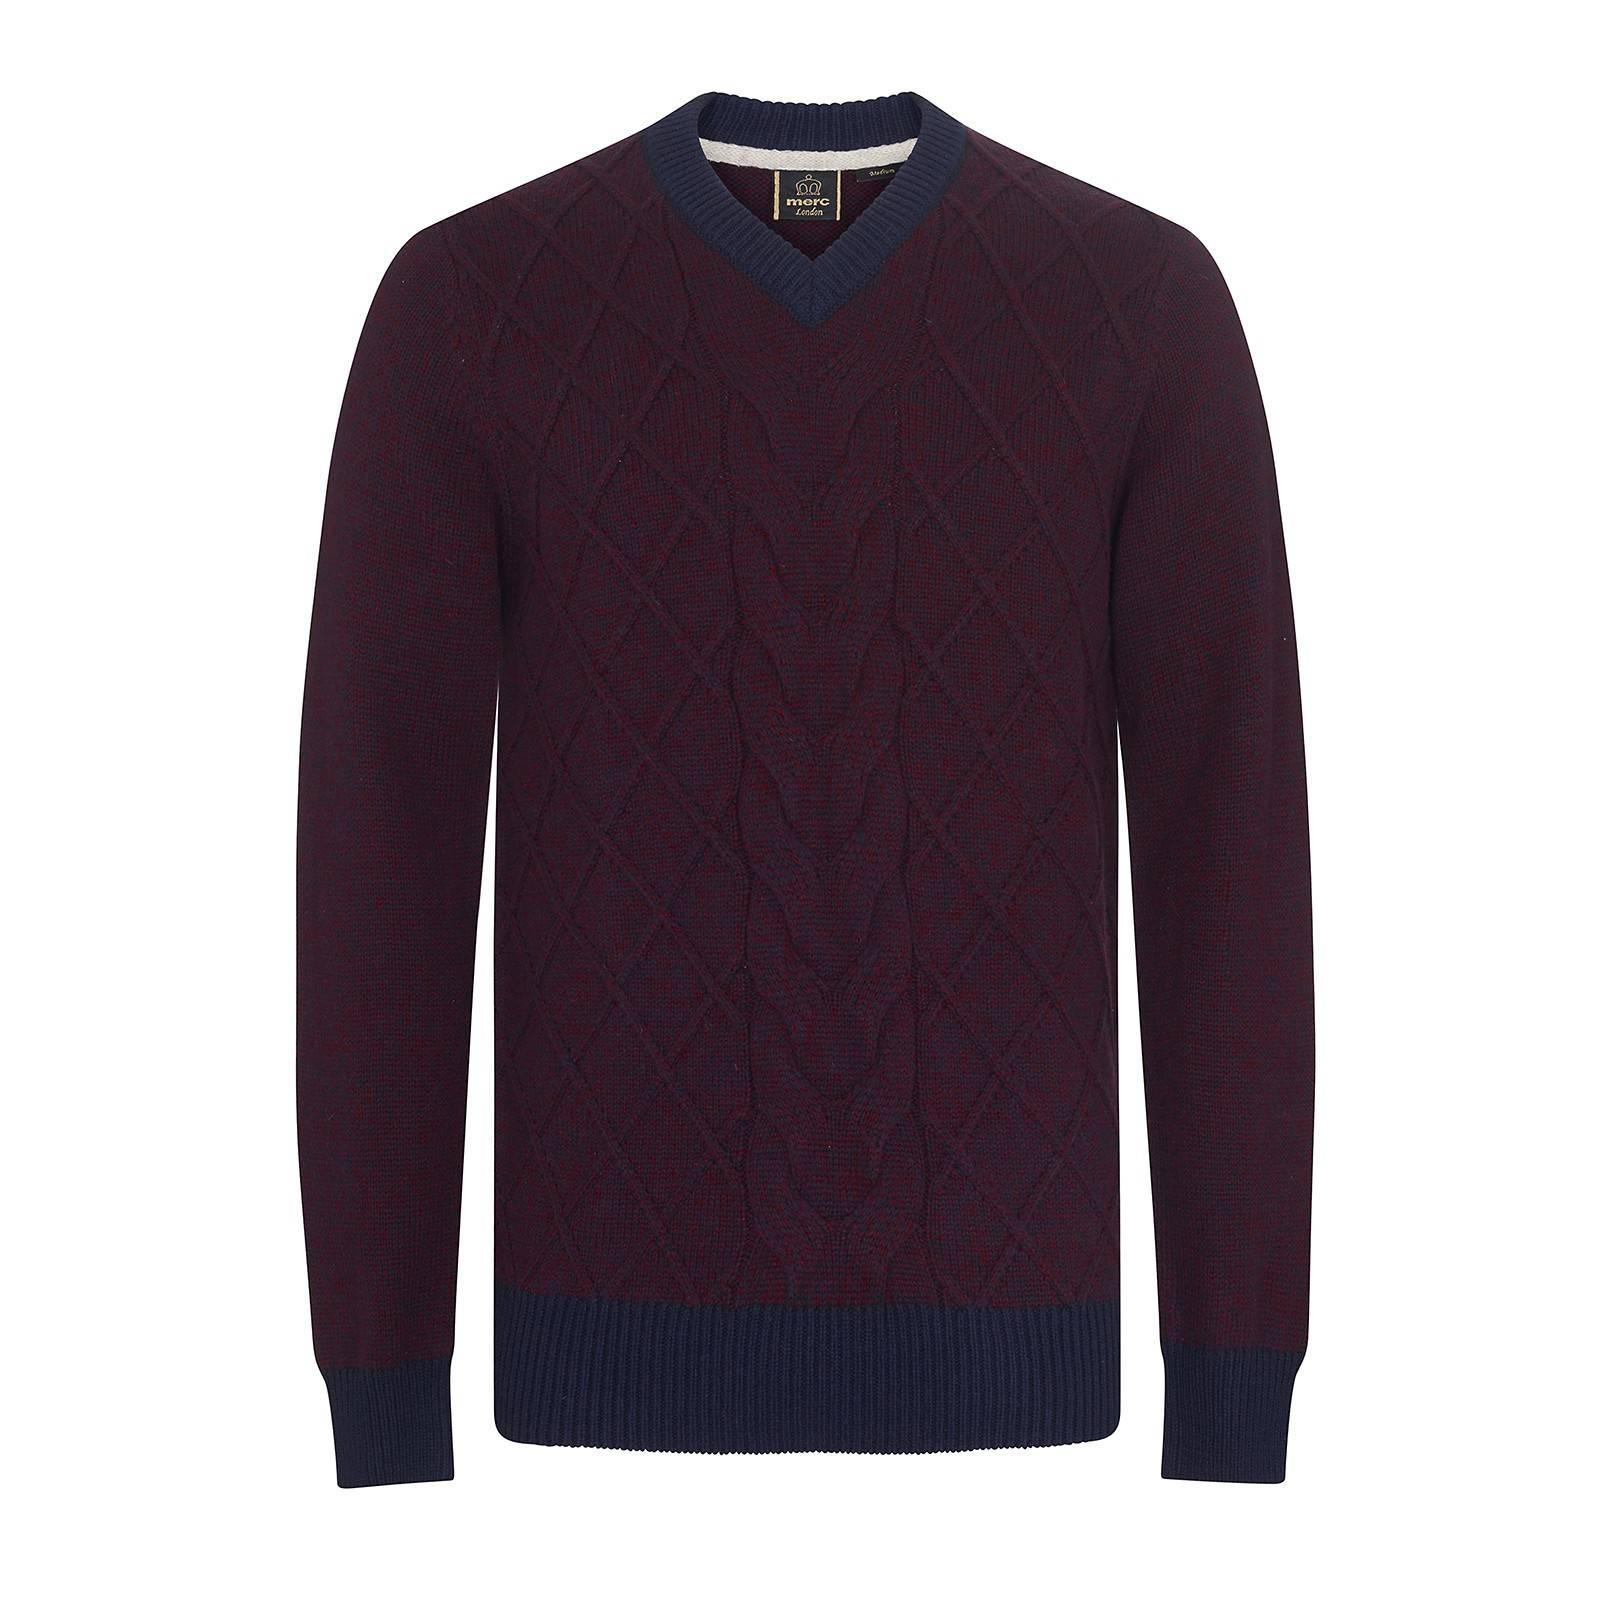 Пуловер Hatcliffe от MercLondon